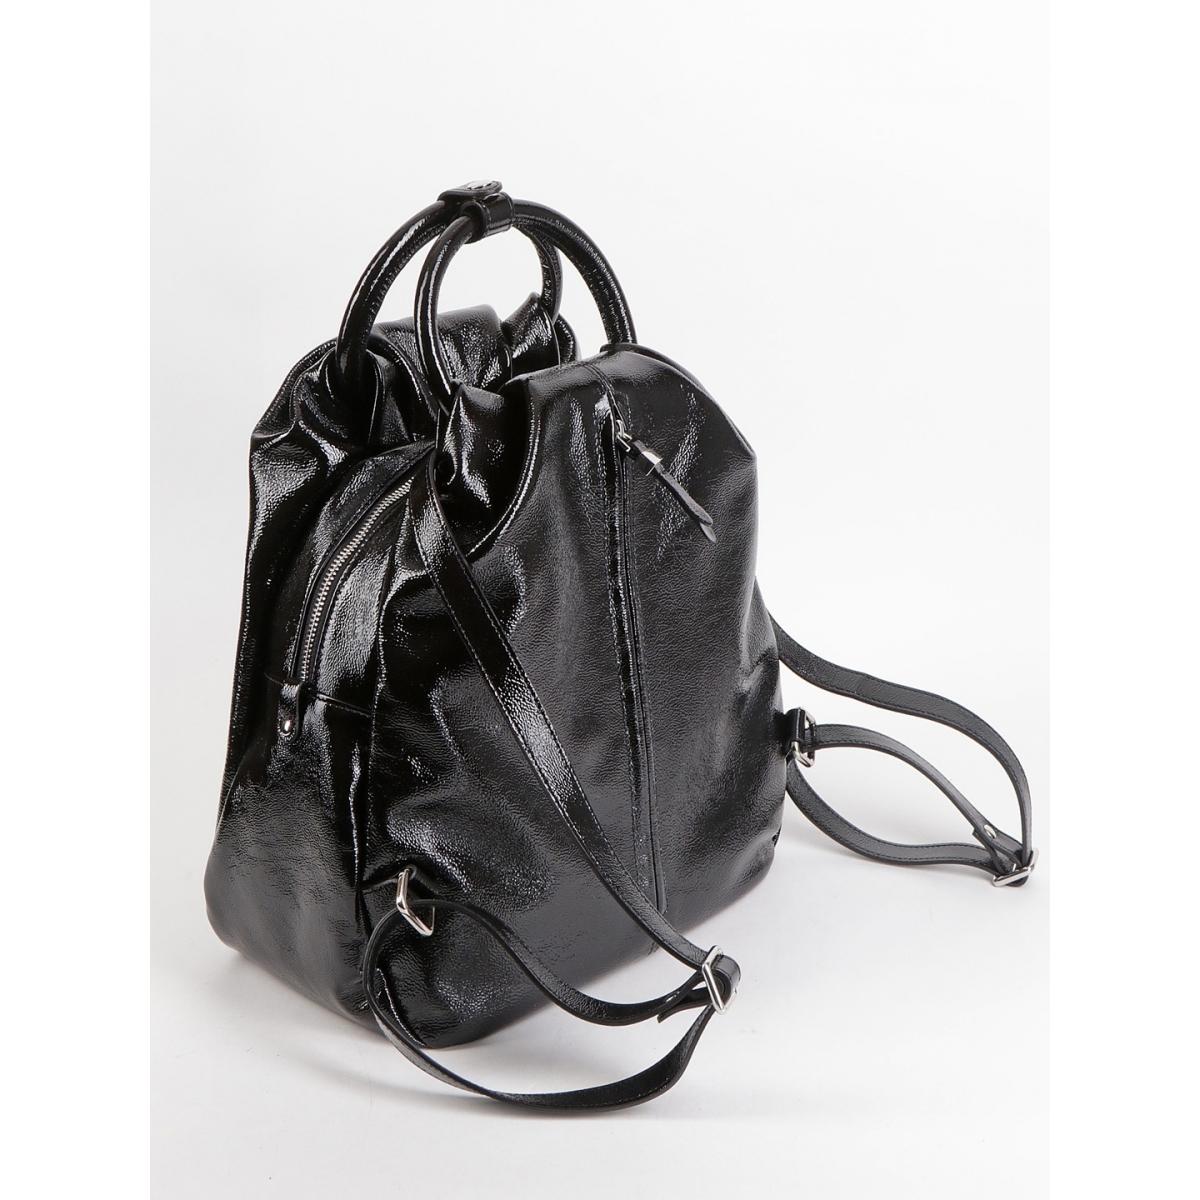 Kellen 1375 naplak nero, женский  рюкзак